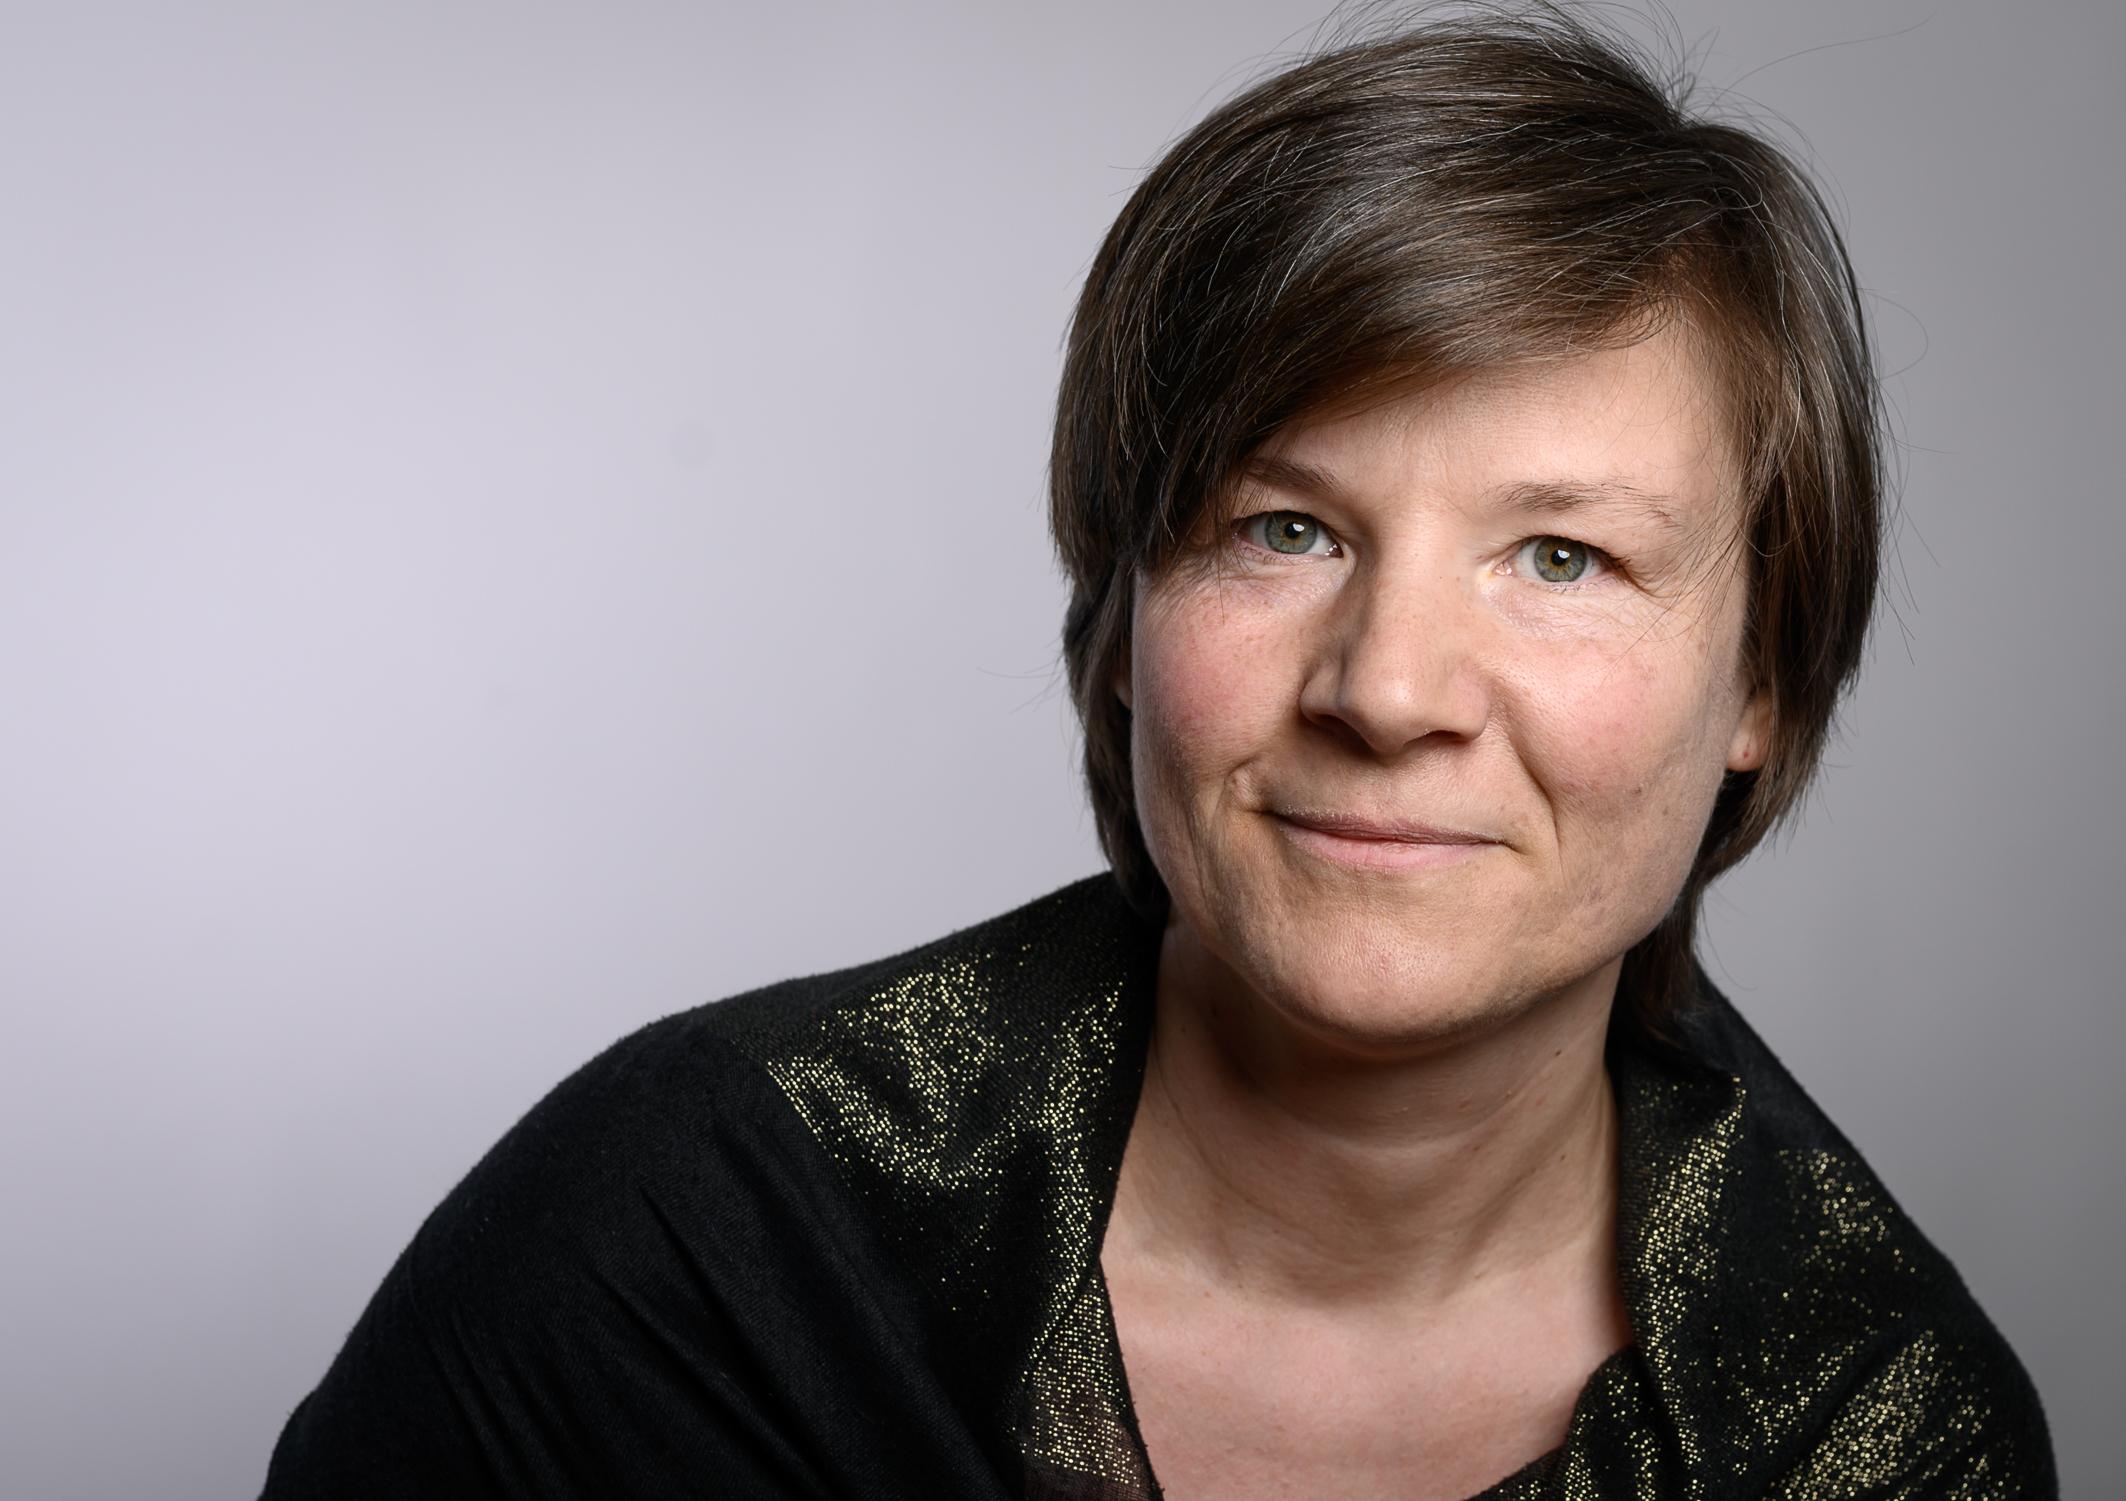 portrait Foto von Anja Engel